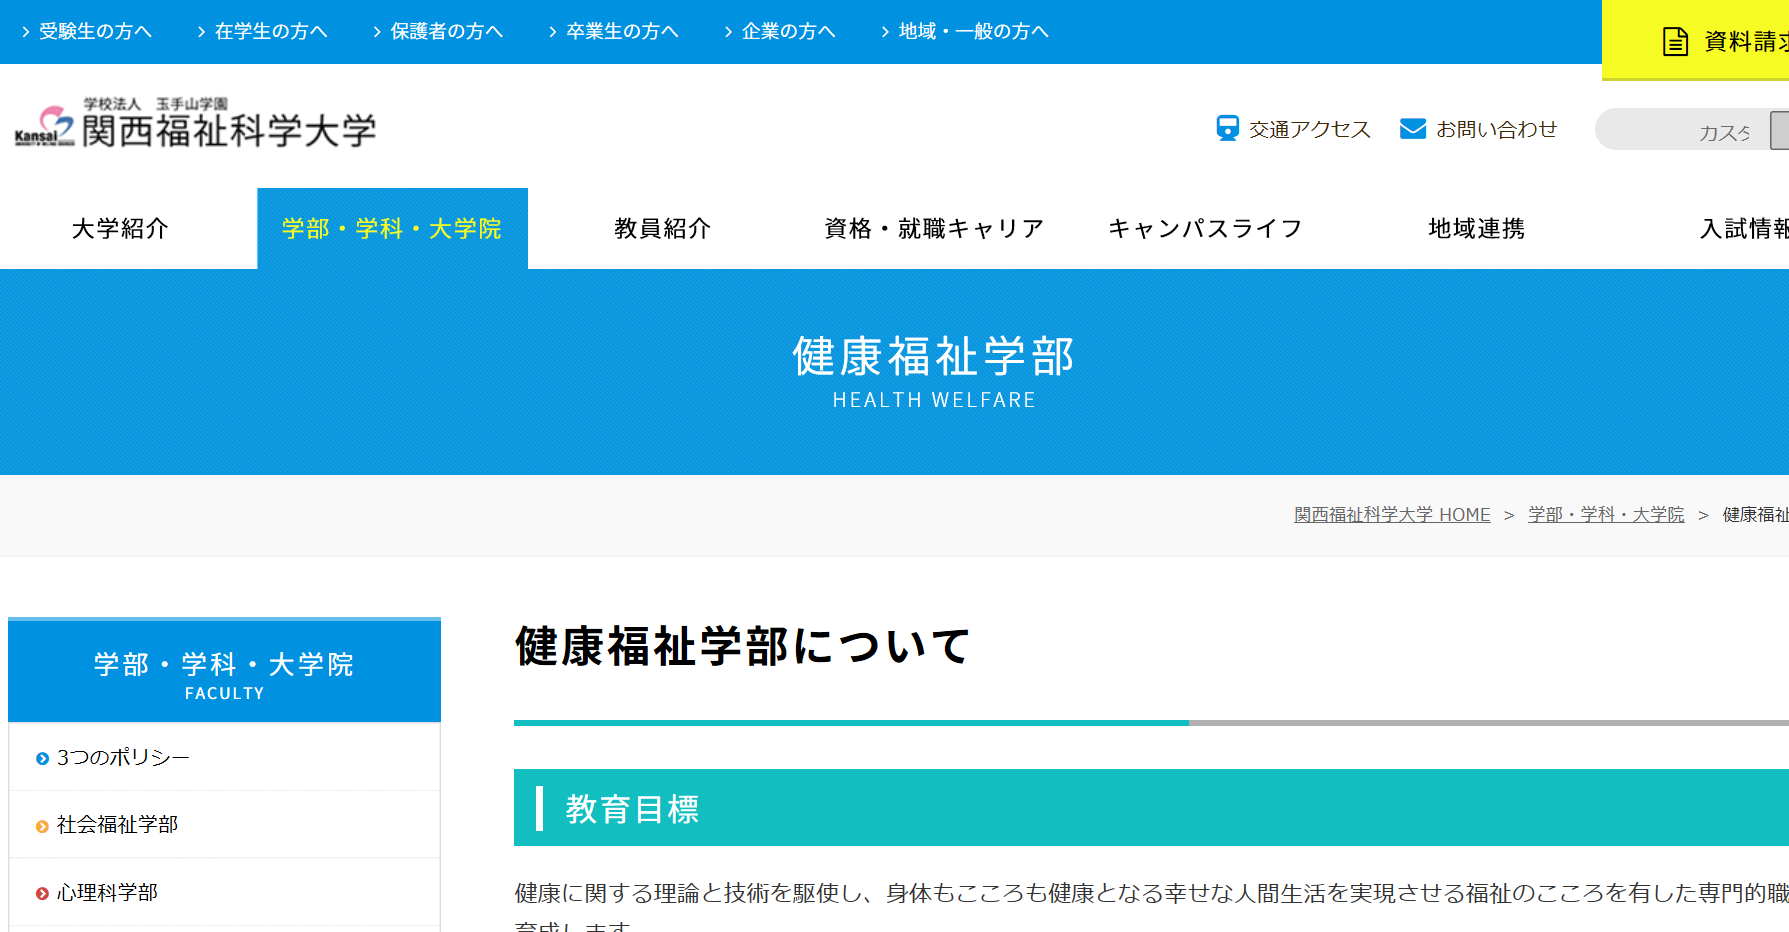 関西福祉科学大学の評判・口コミ【健康福祉学部編】